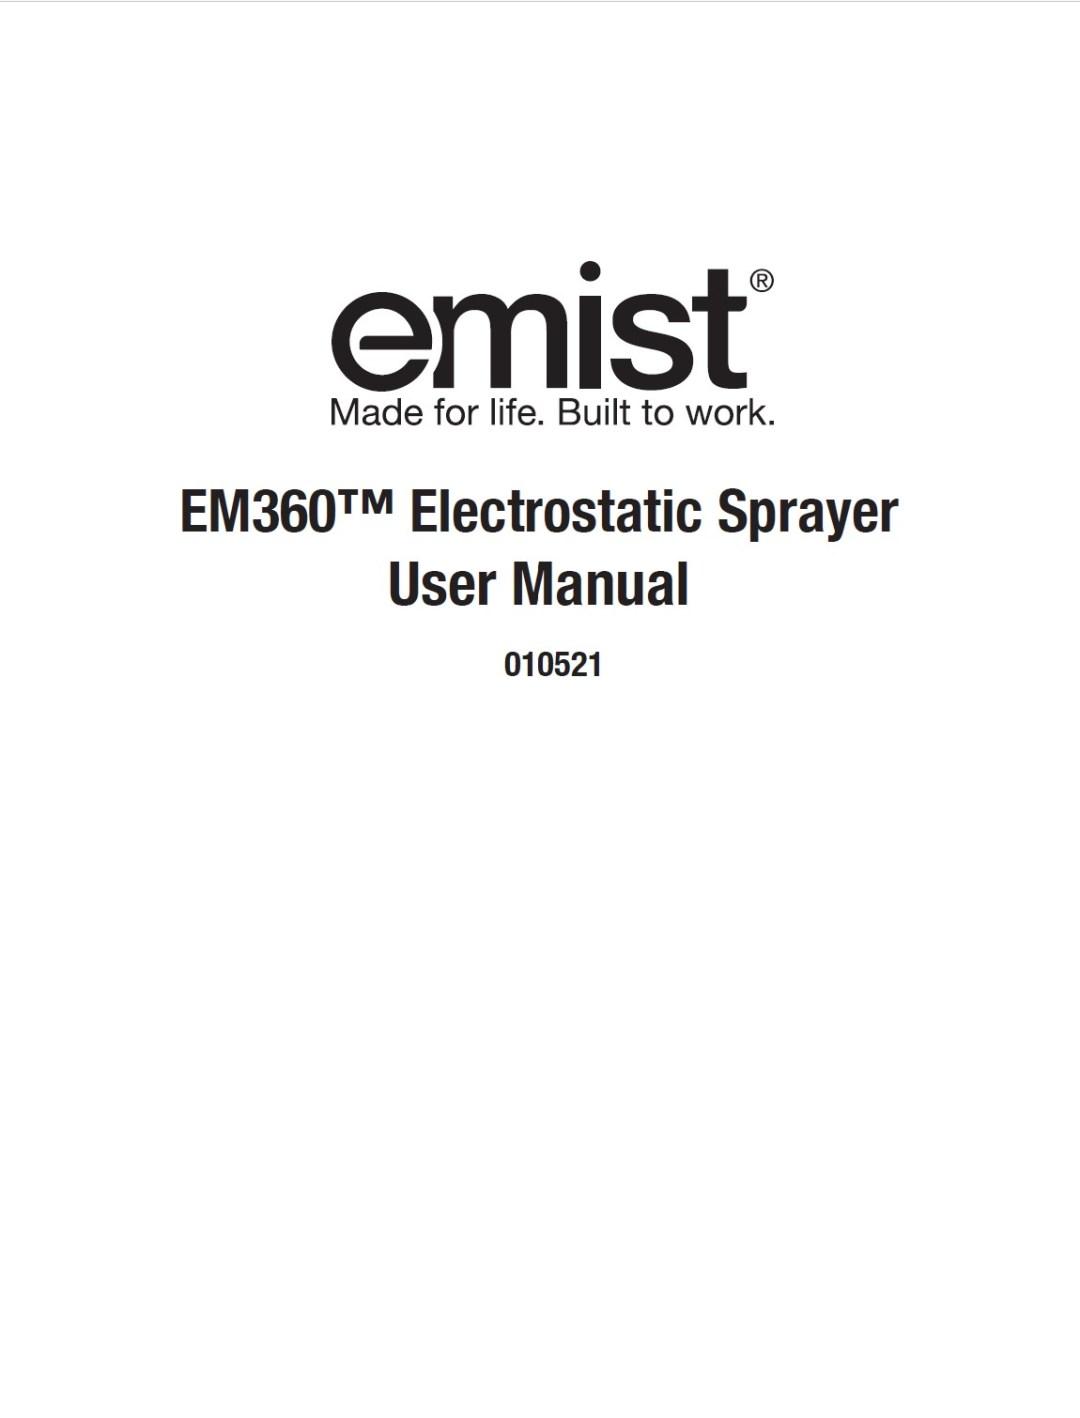 EM360 User Manual 9.20